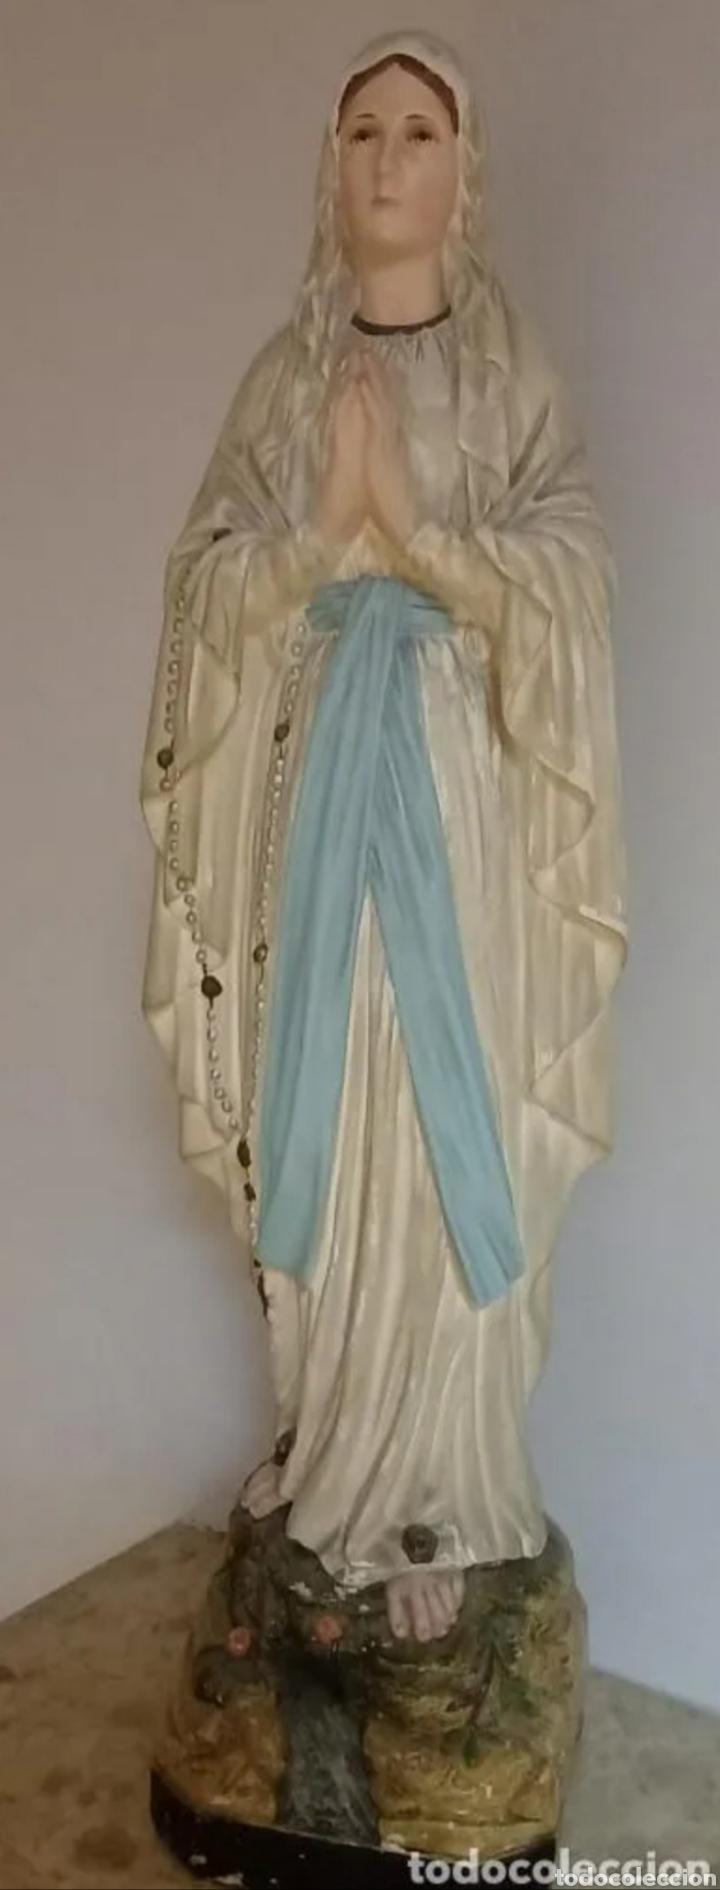 VIRGEN DE LOURDES 60 CM EN ESTADO EXCELENTE (Arte - Arte Religioso - Escultura)